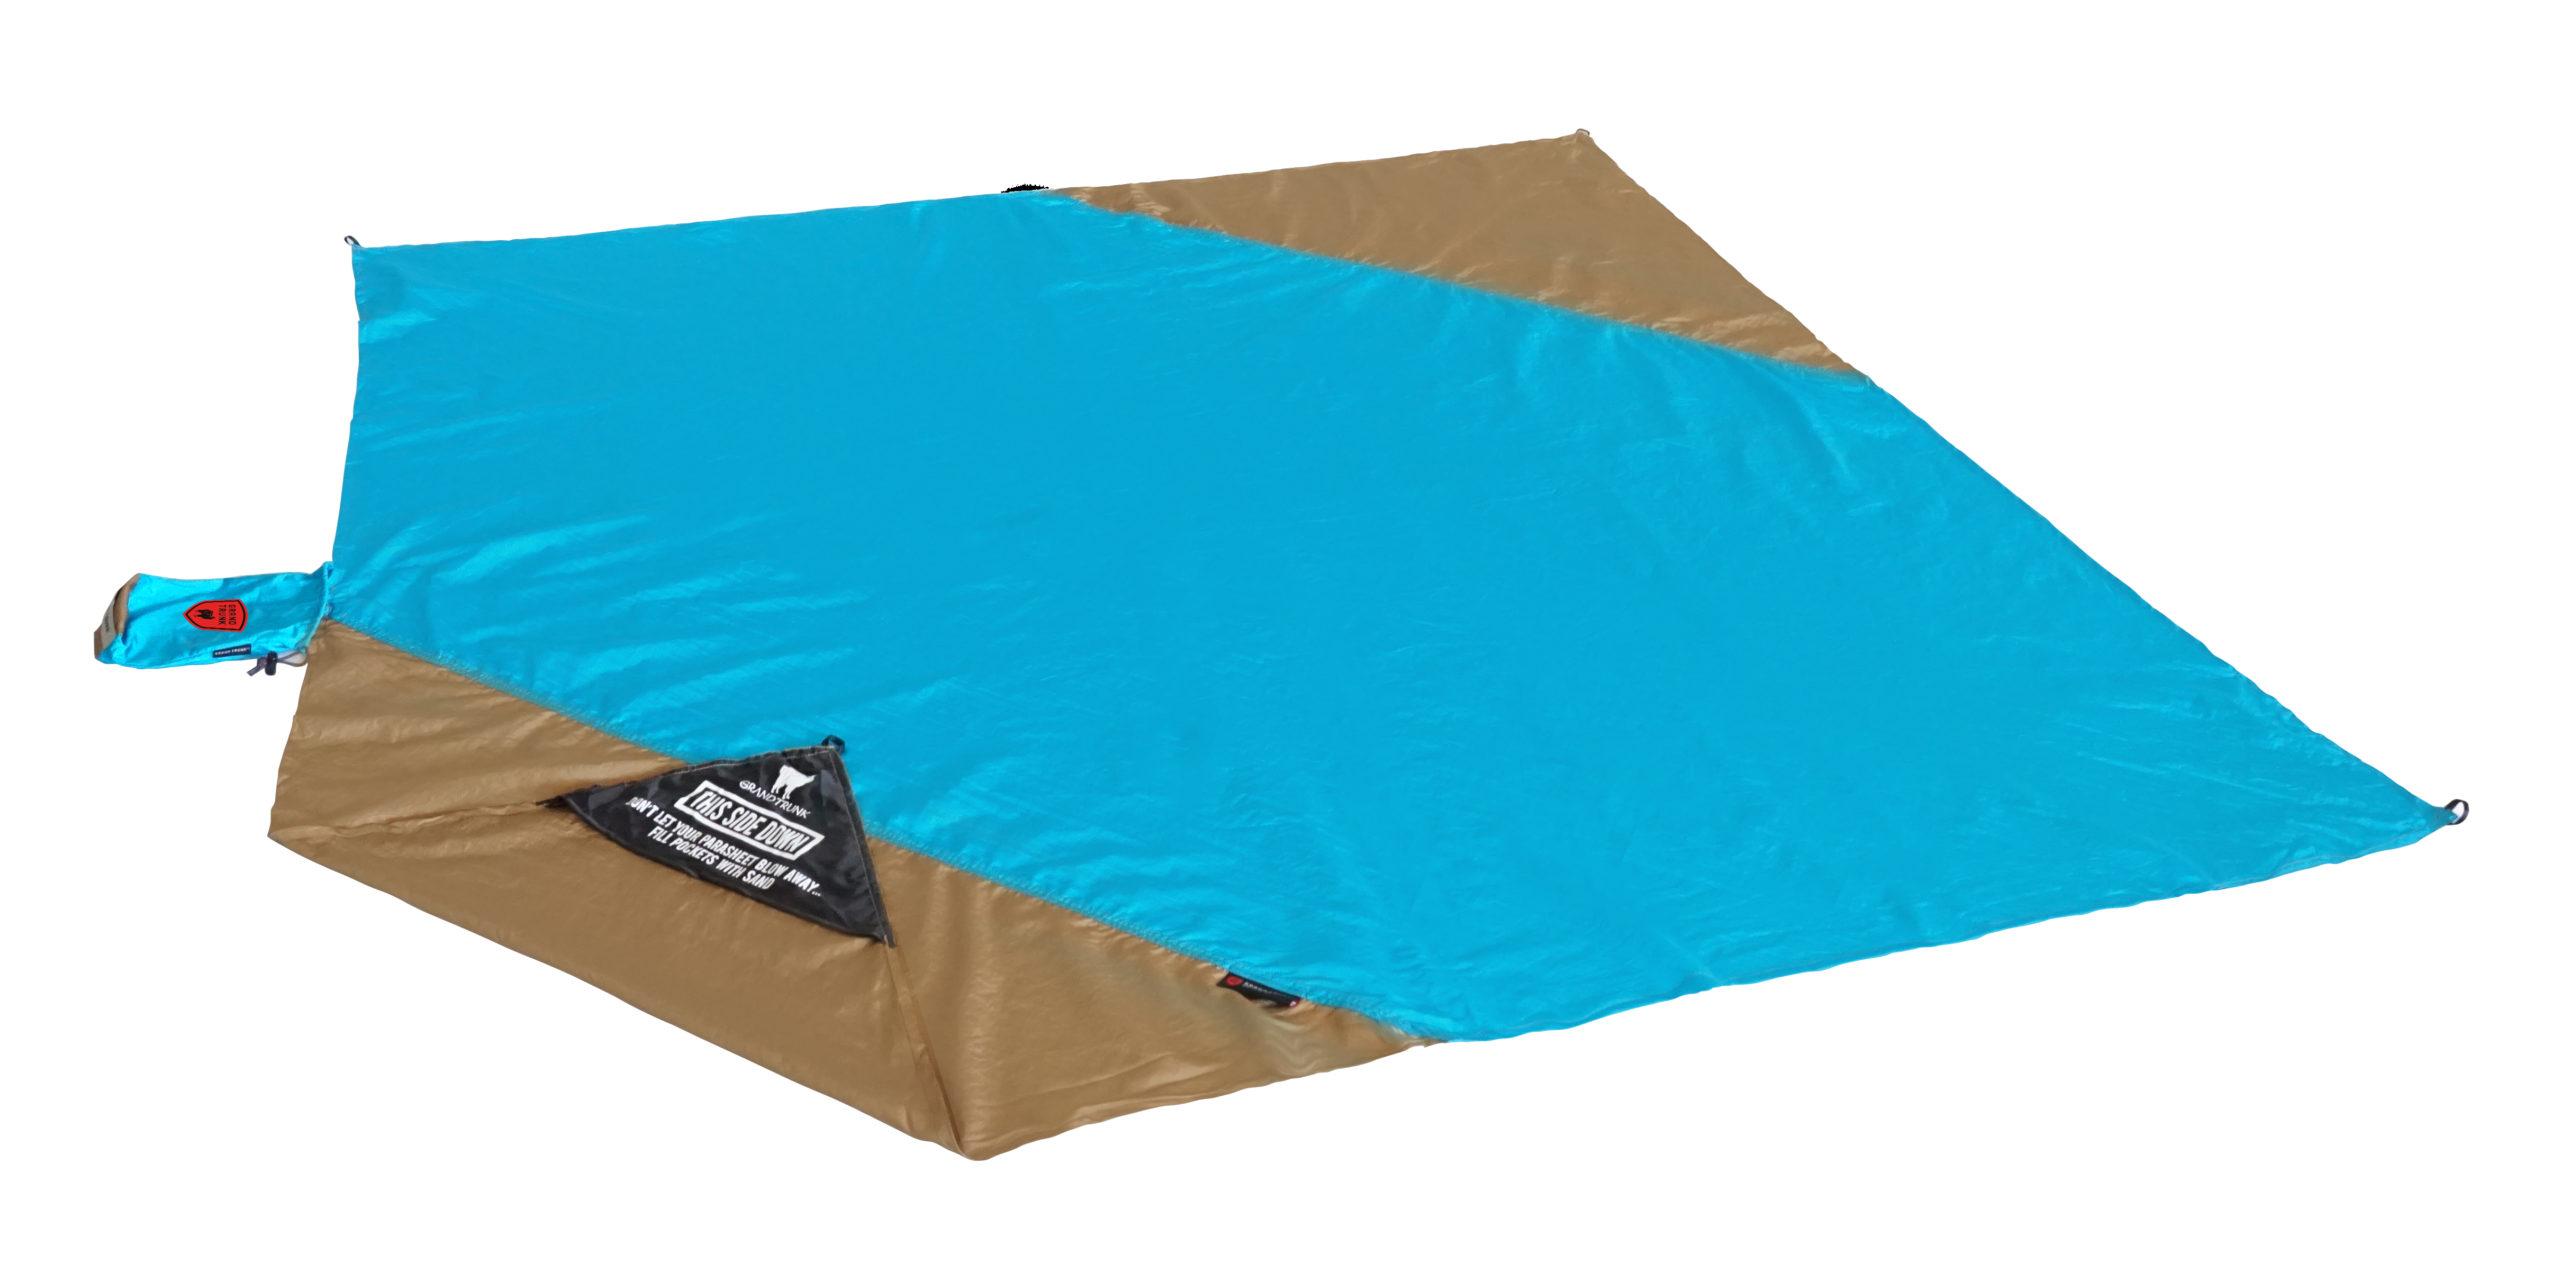 ParaSheet ultra lightweight beach blanket